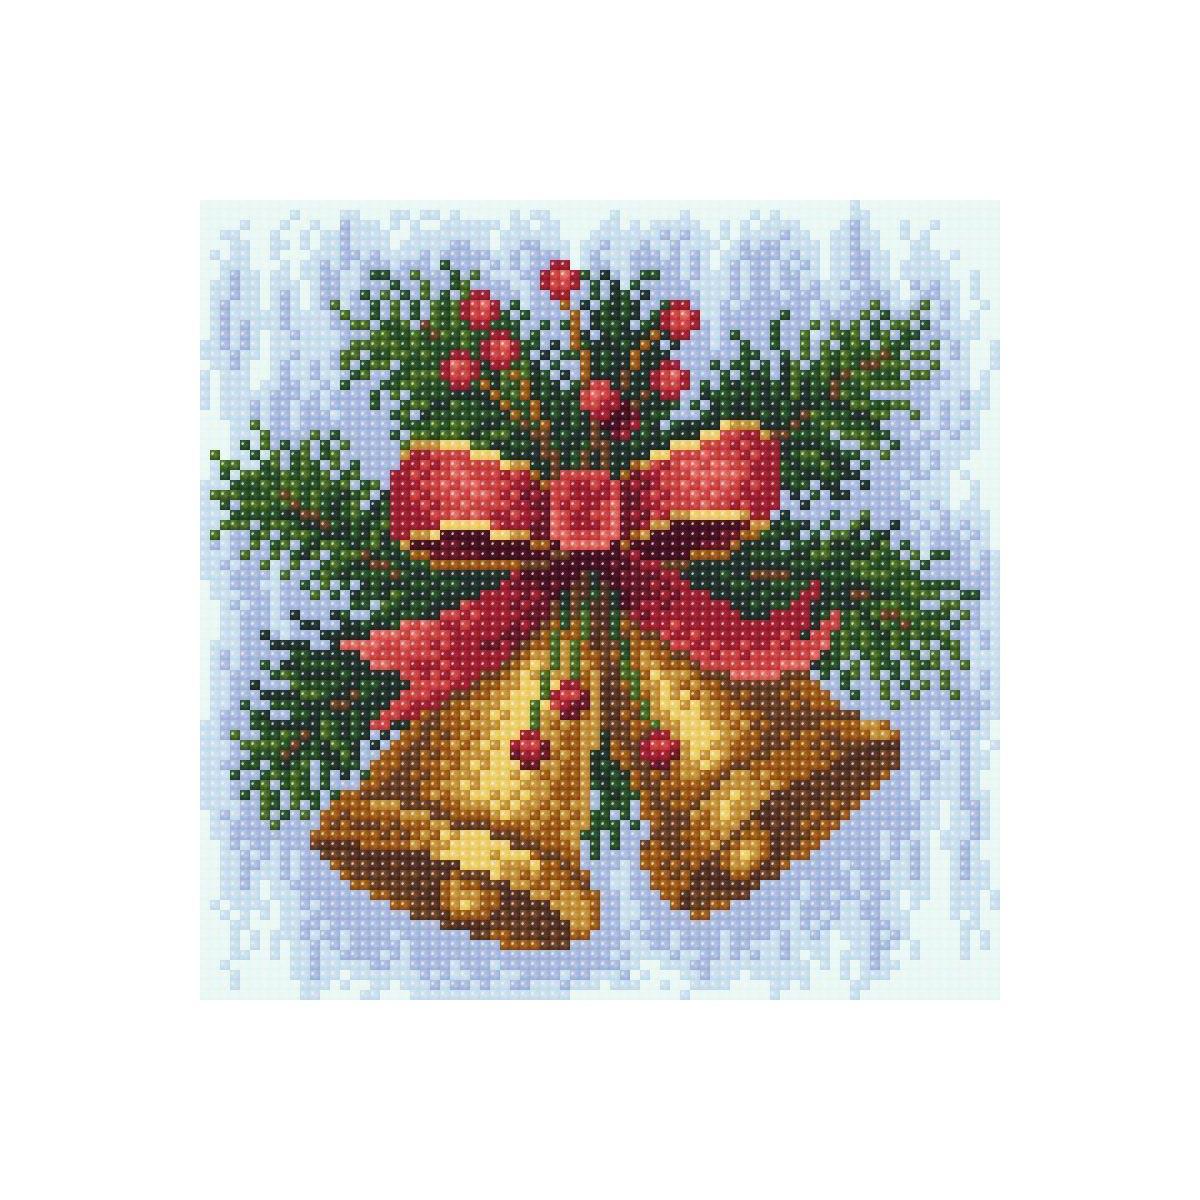 МС-024 Алмазная мозаика 'Новогодняя мелодия' 20*20см Brilliart